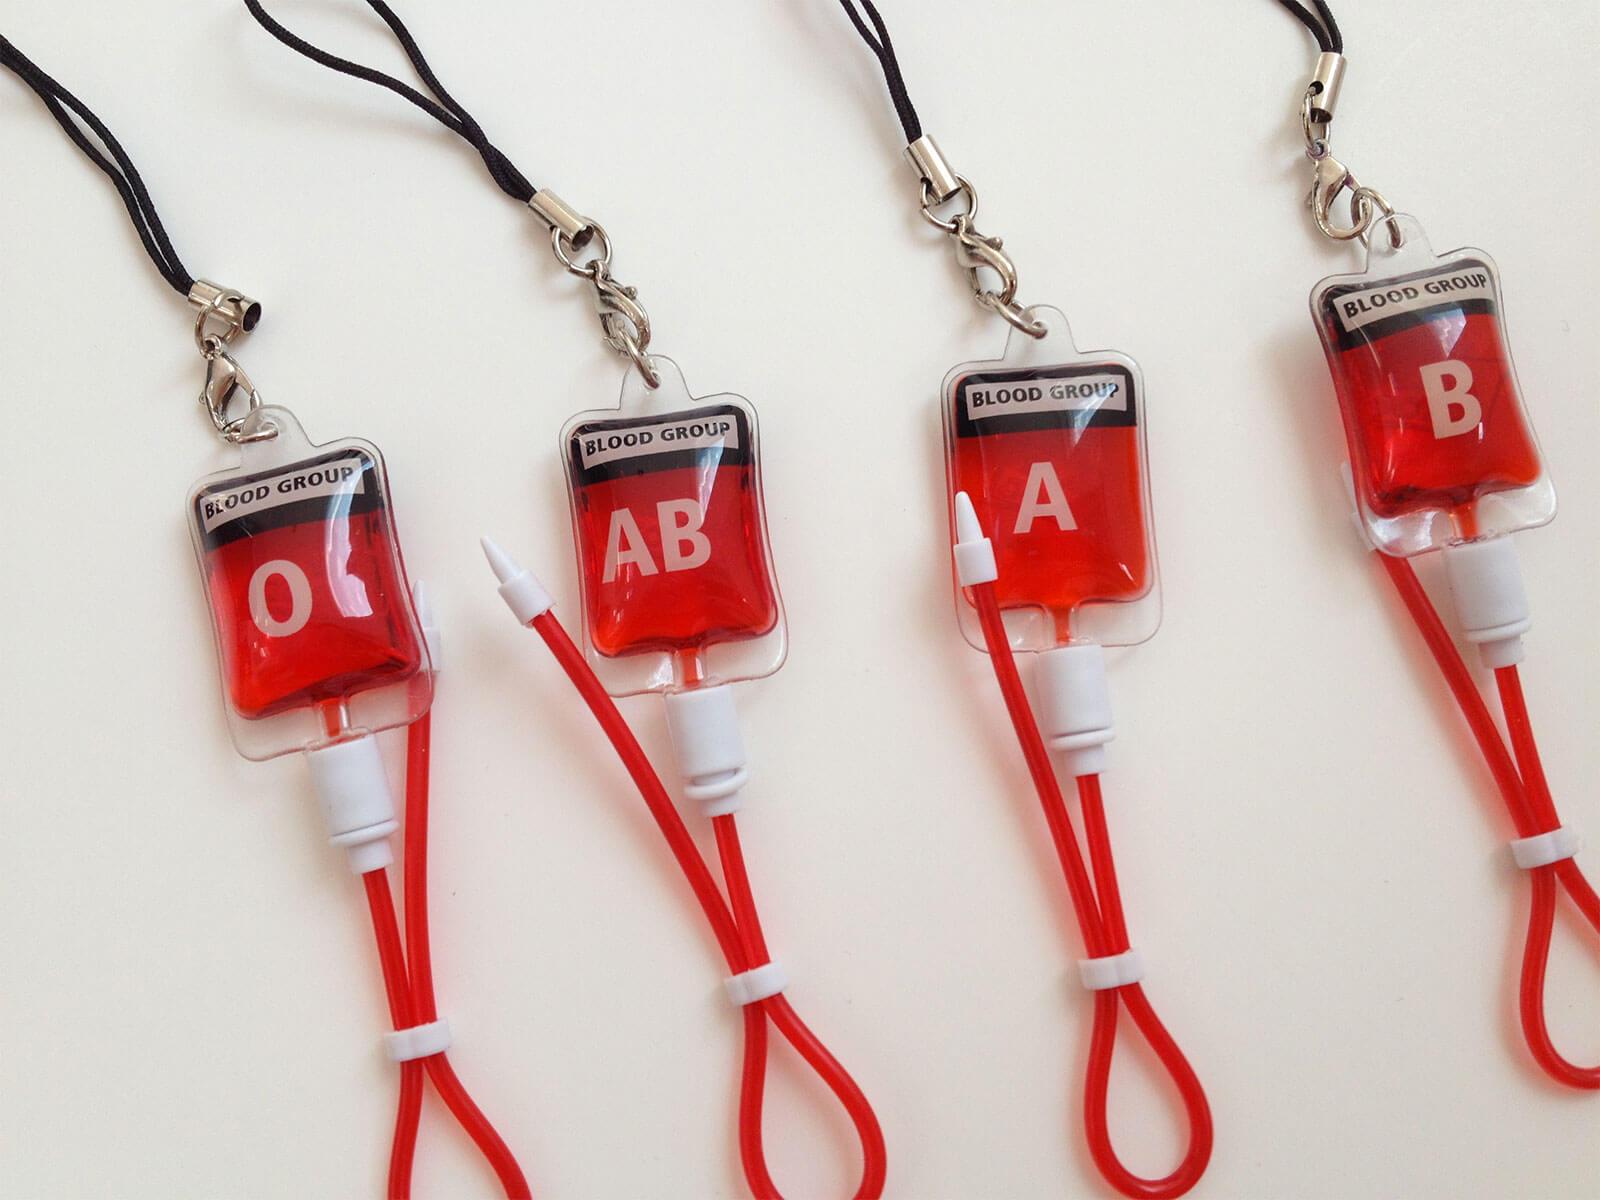 Где и как можно узнать свою группу крови и резус-фактор?